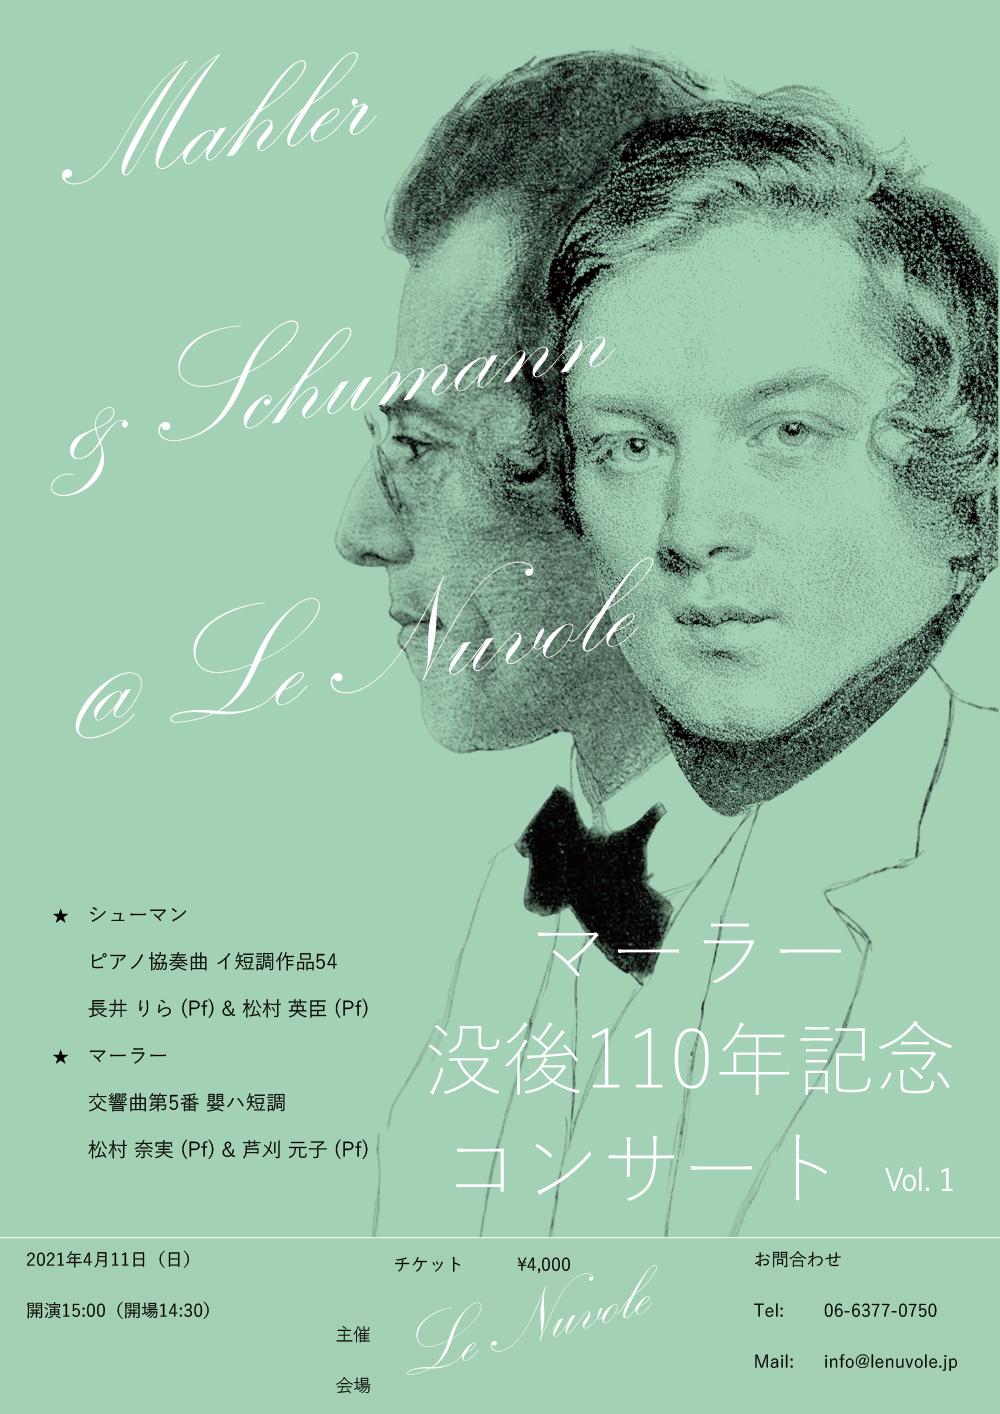 マーラー没後110記念コンサート Vol.1